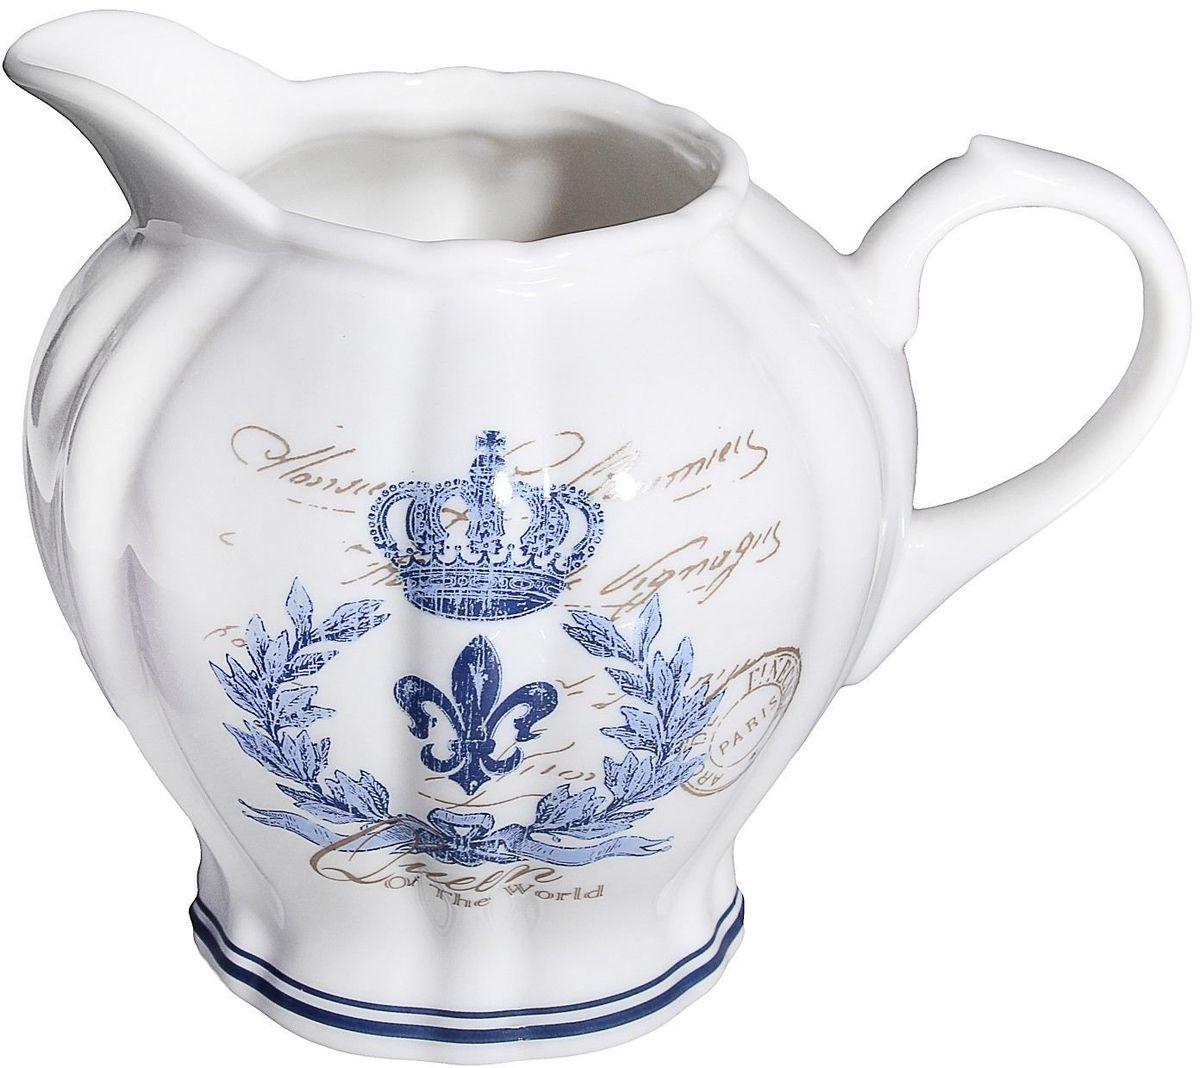 Молочник Lamart Гжель, 200 мл133203Молоко, налитое из такого молочника, наверняка покажется еще вкуснее и ароматнее. Уникальный столовый предмет итальянской фабрики Lamart, изготовленный из ценного костяного фарфора, отличается превосходным качеством и необычным дизайном. Изящный и небольшой, с изысканным сине-голубым рисунком, этот молочник наверняка станет незаменимым предметом посуды на вашем столе. Вы можете заказать его на сайте нашего интернет-магазина прямо сейчас.